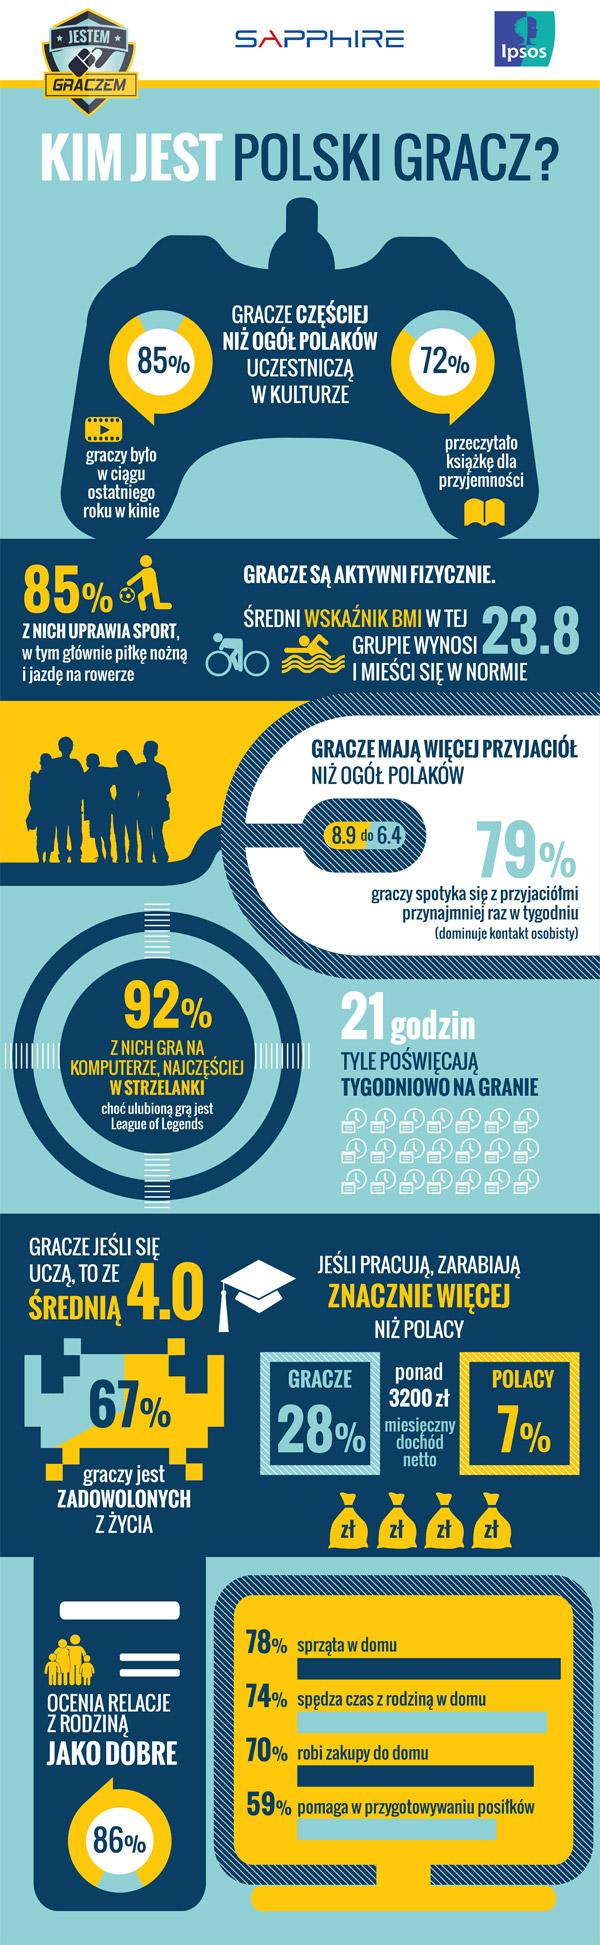 Infografika: Kim jest polski gracz?